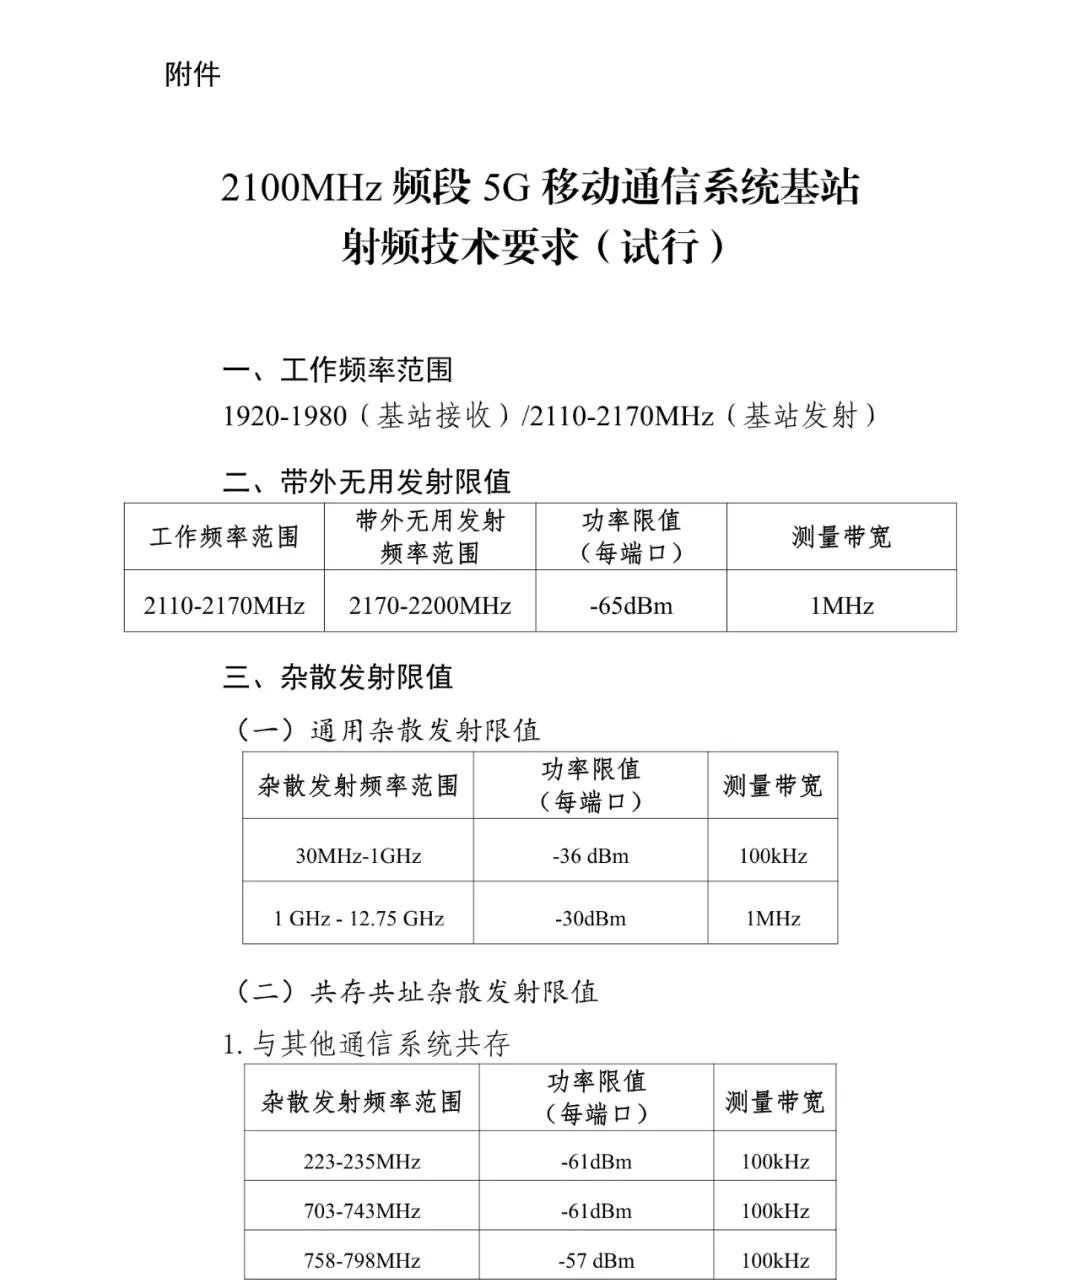 工信部发布《2100MHz频段5G移动通信系统基站射频技术要求(试行)》